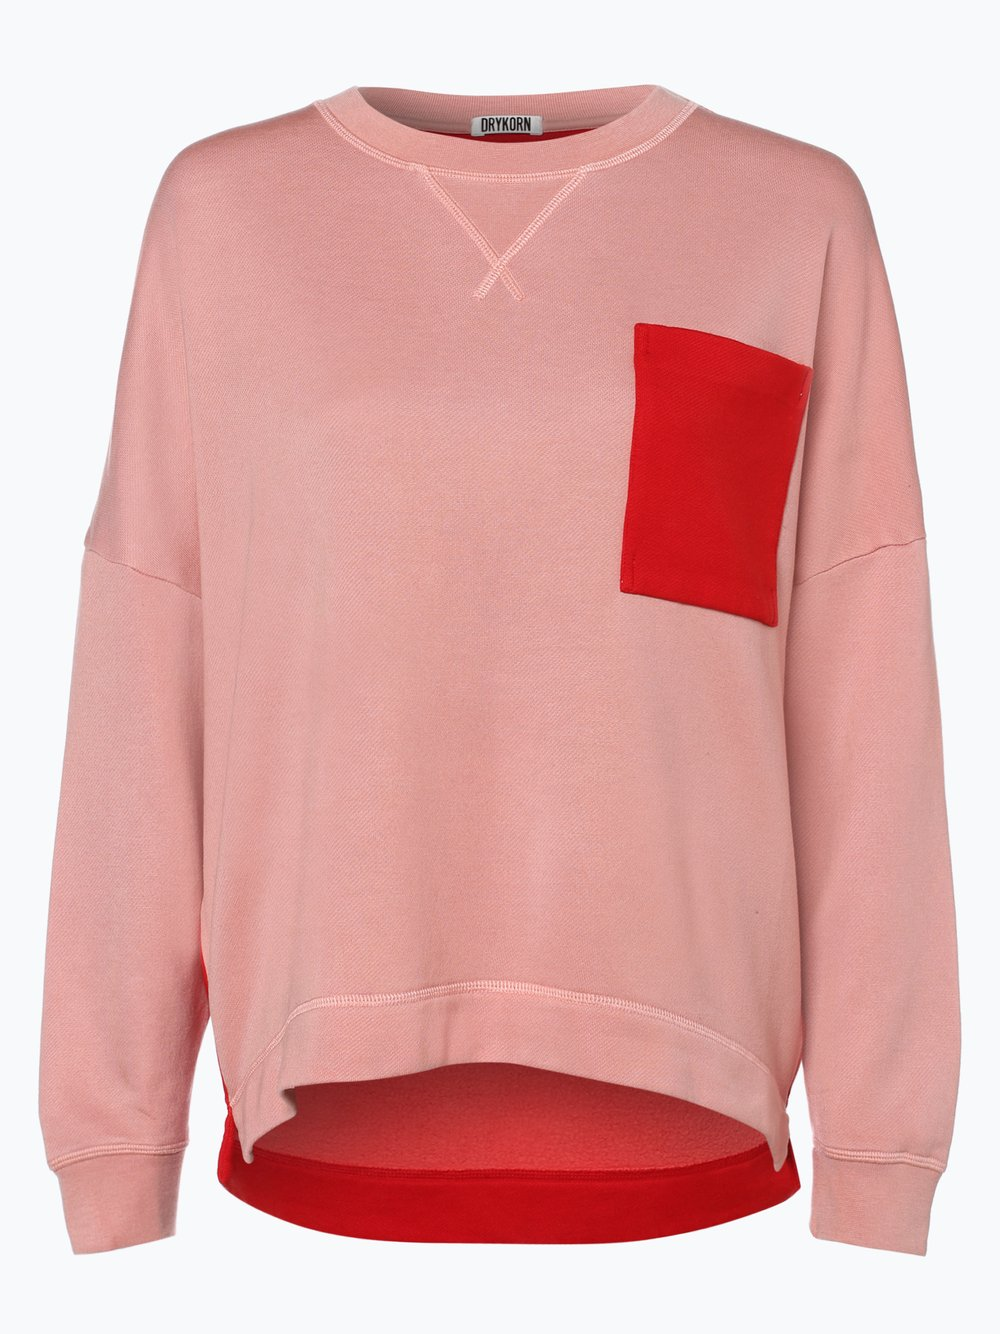 Damen Sweatshirts & Sweatjacken | Online kaufen | C&A Online